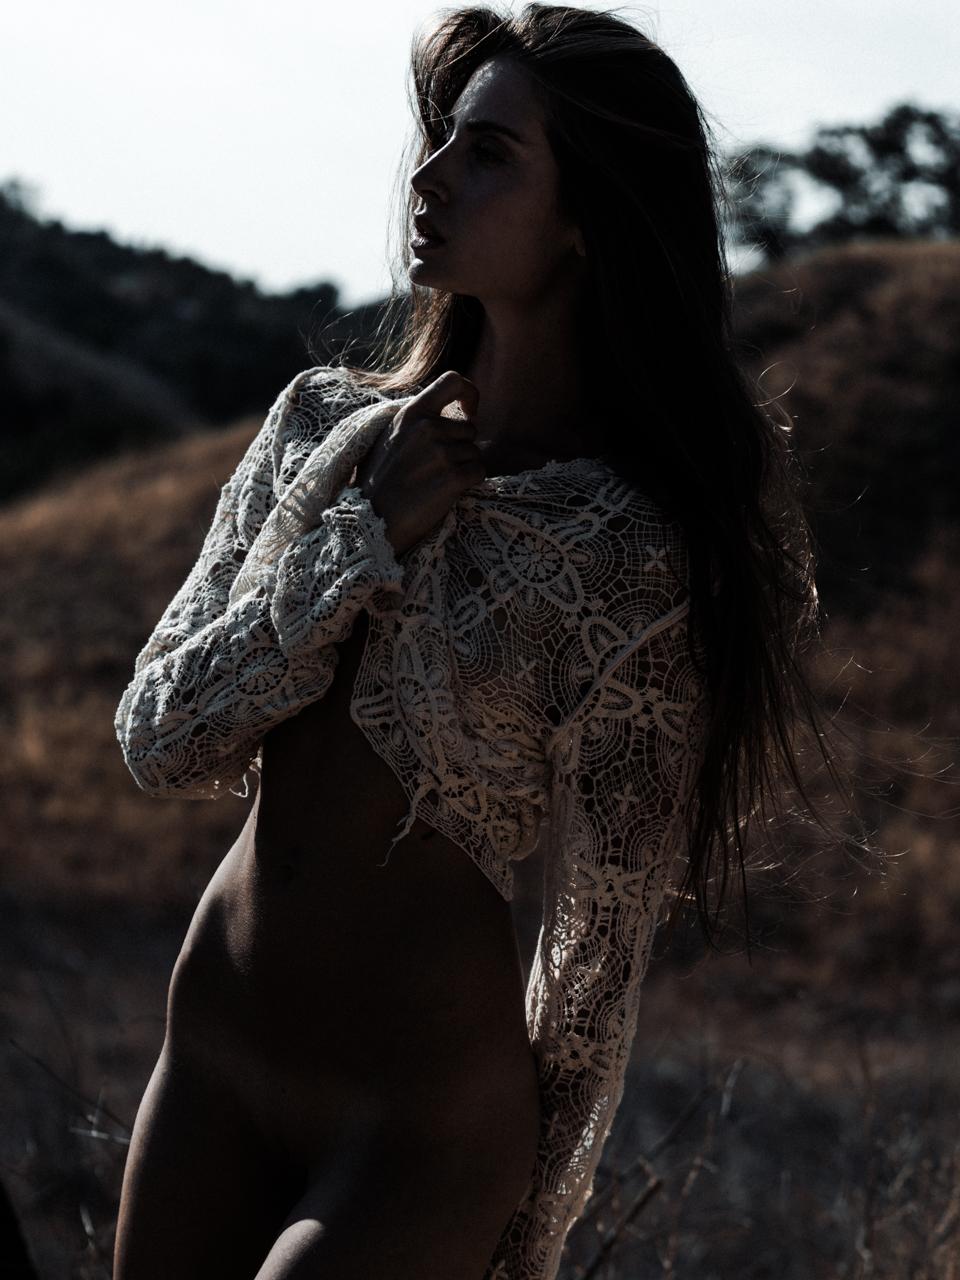 Красивая девушка в поле / фотограф Кеслер Тран - Kesler Tran